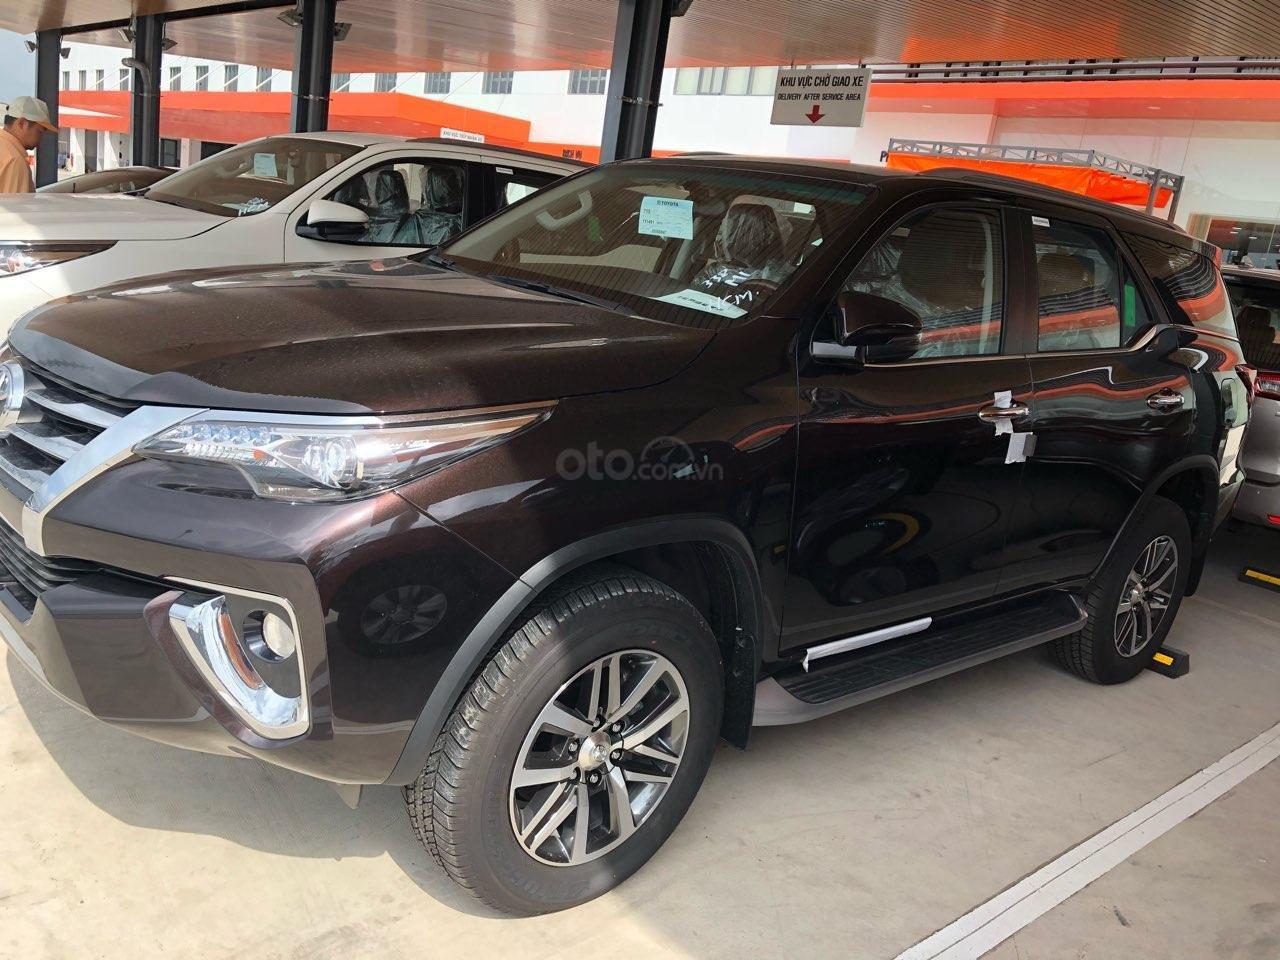 Toyota Fortuner 2.8 AT (4X4) máy dầu, năm sản xuất 2019, màu đen, nhập khẩu nguyên chiếc-3